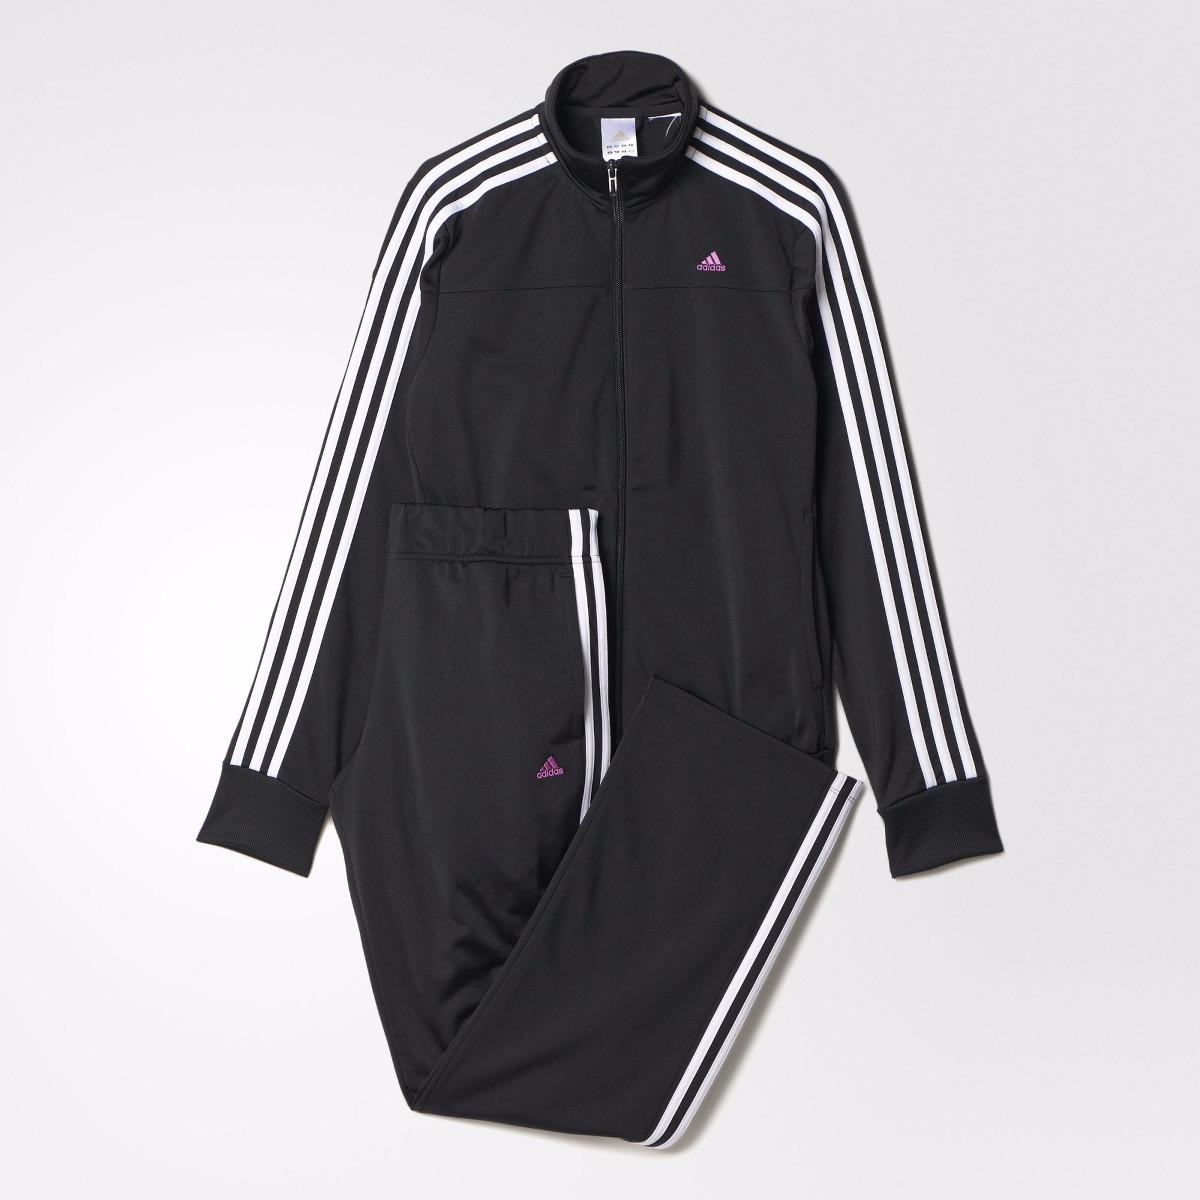 Entrenar Con Adidas Original Pants Sudadera S23596 Mujer qTCEww0